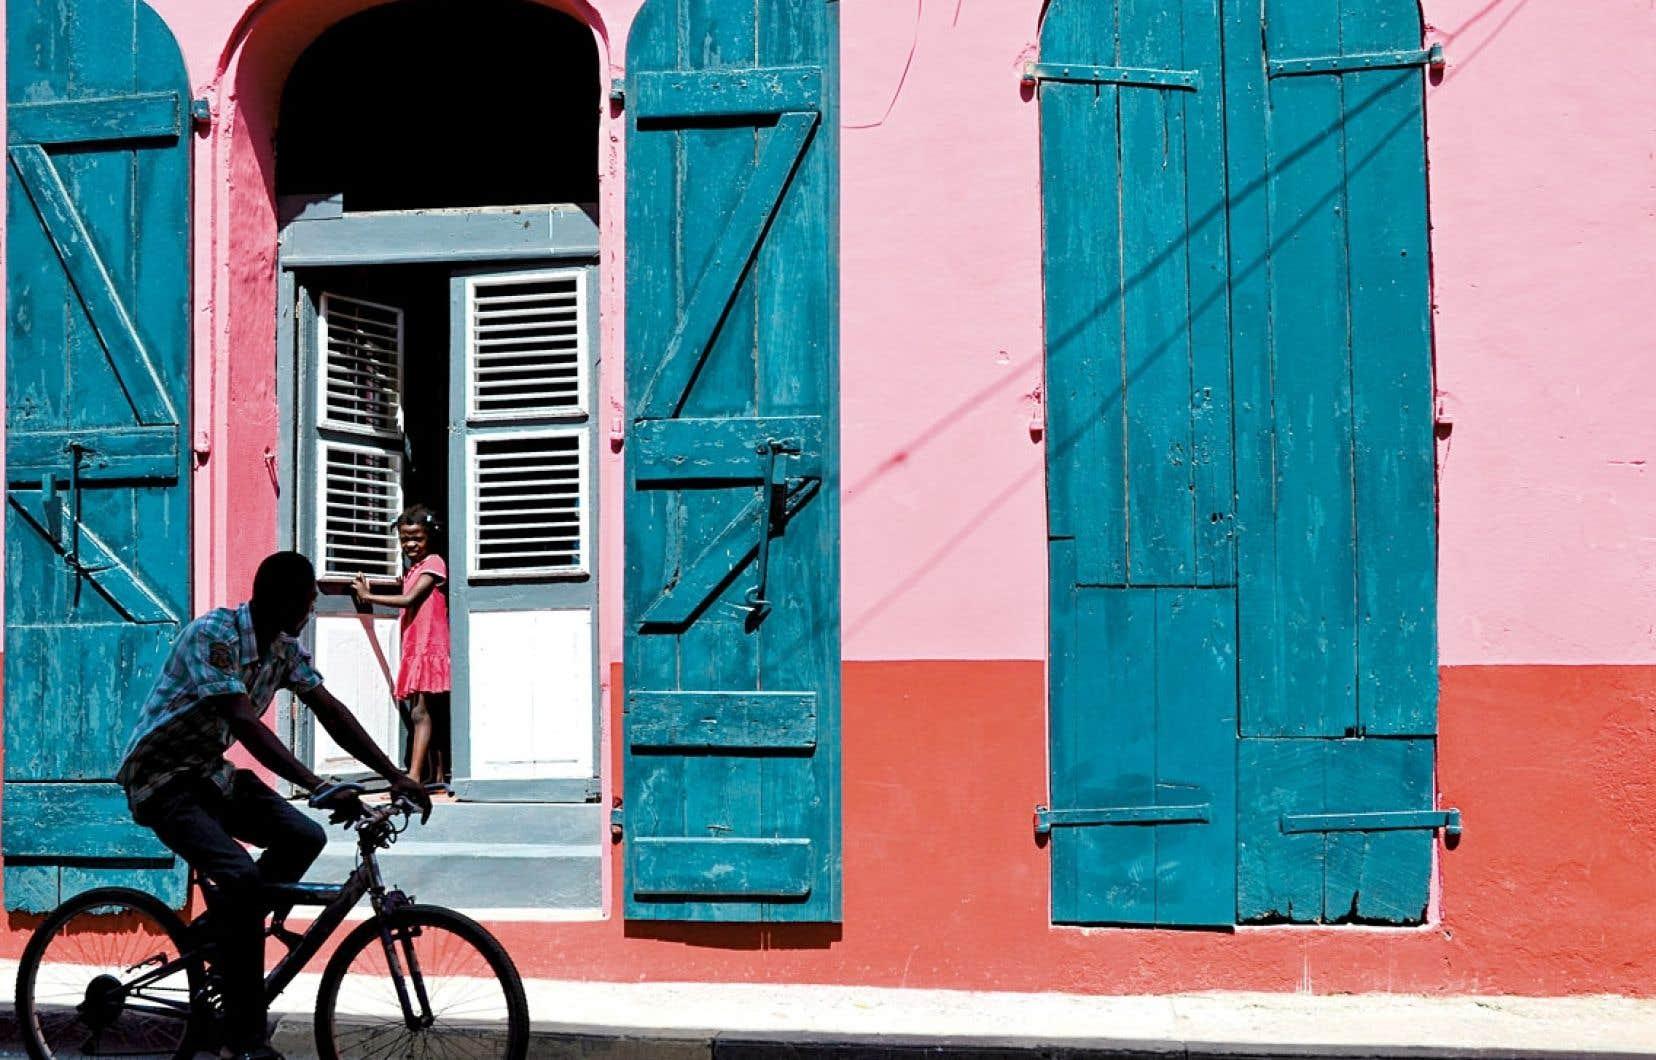 L'une des maisons très colorées de Cap-Haïtien.